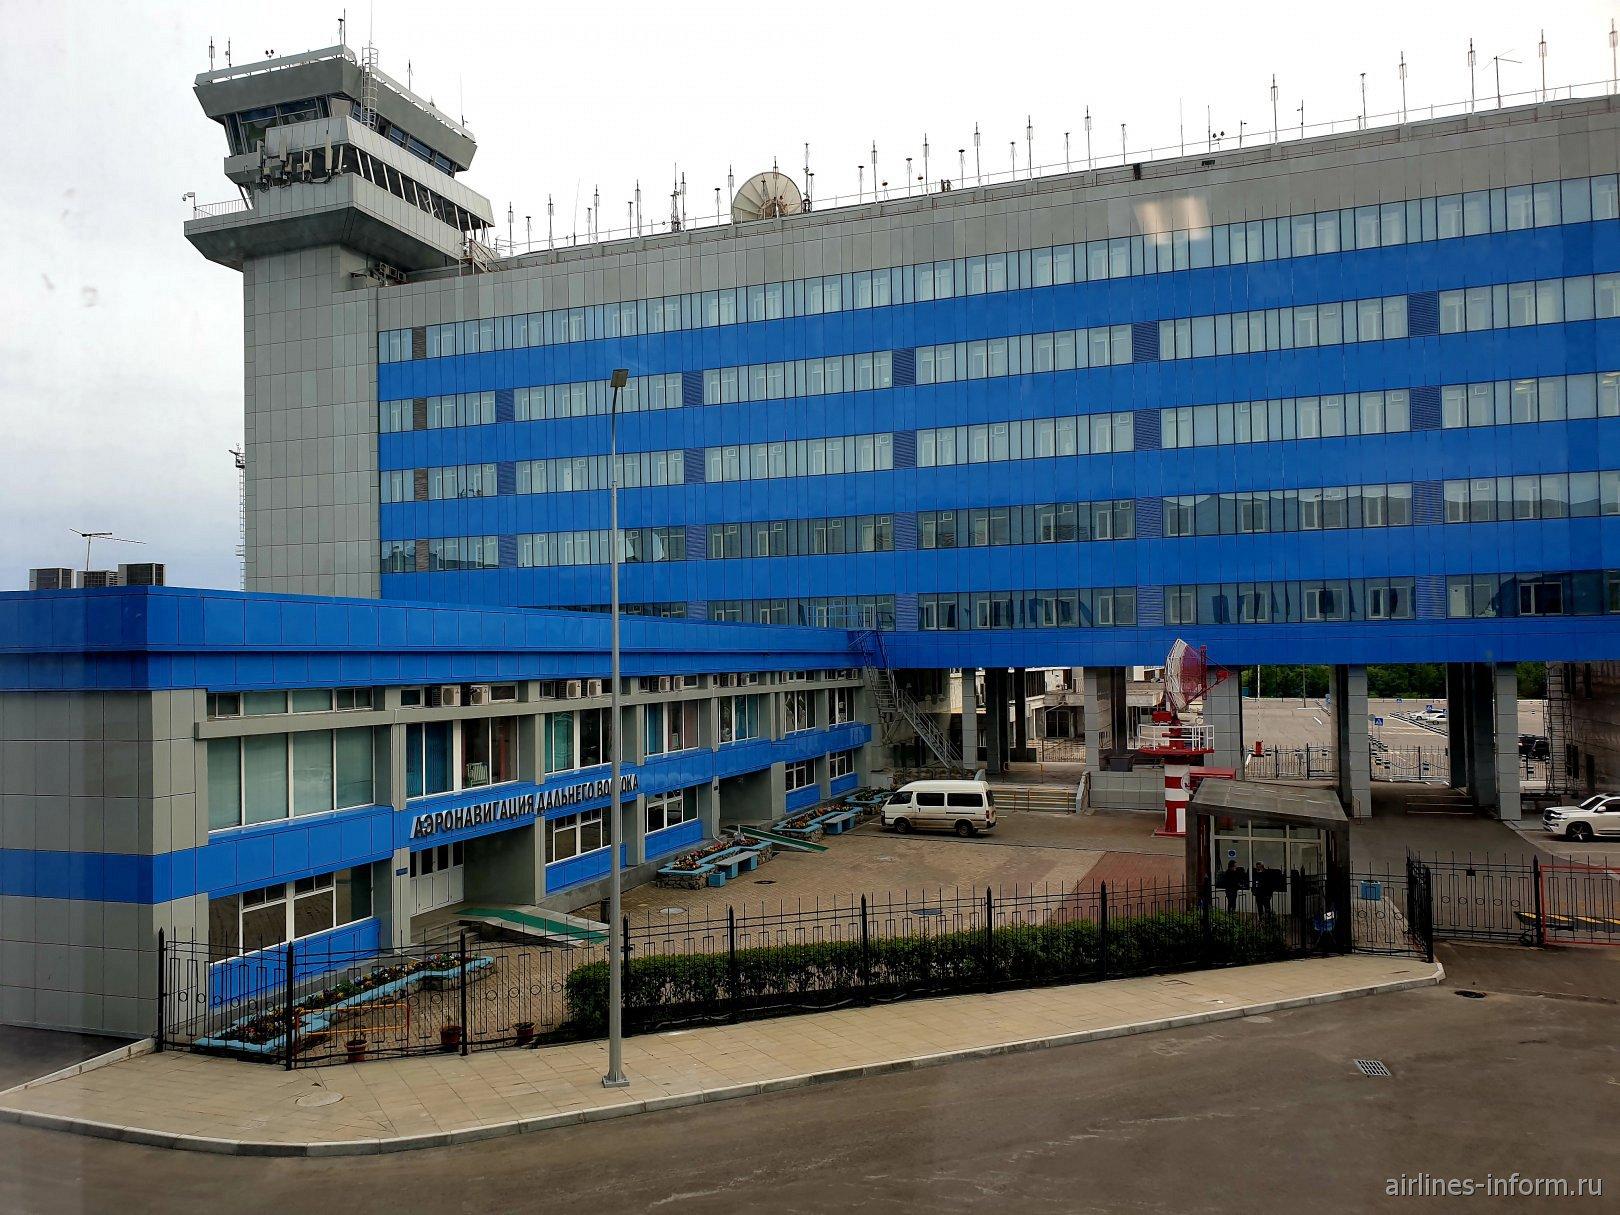 Здание Аэронавигации Дальнего Востока и диспетчерская башня аэропорта Хабаровск Новый